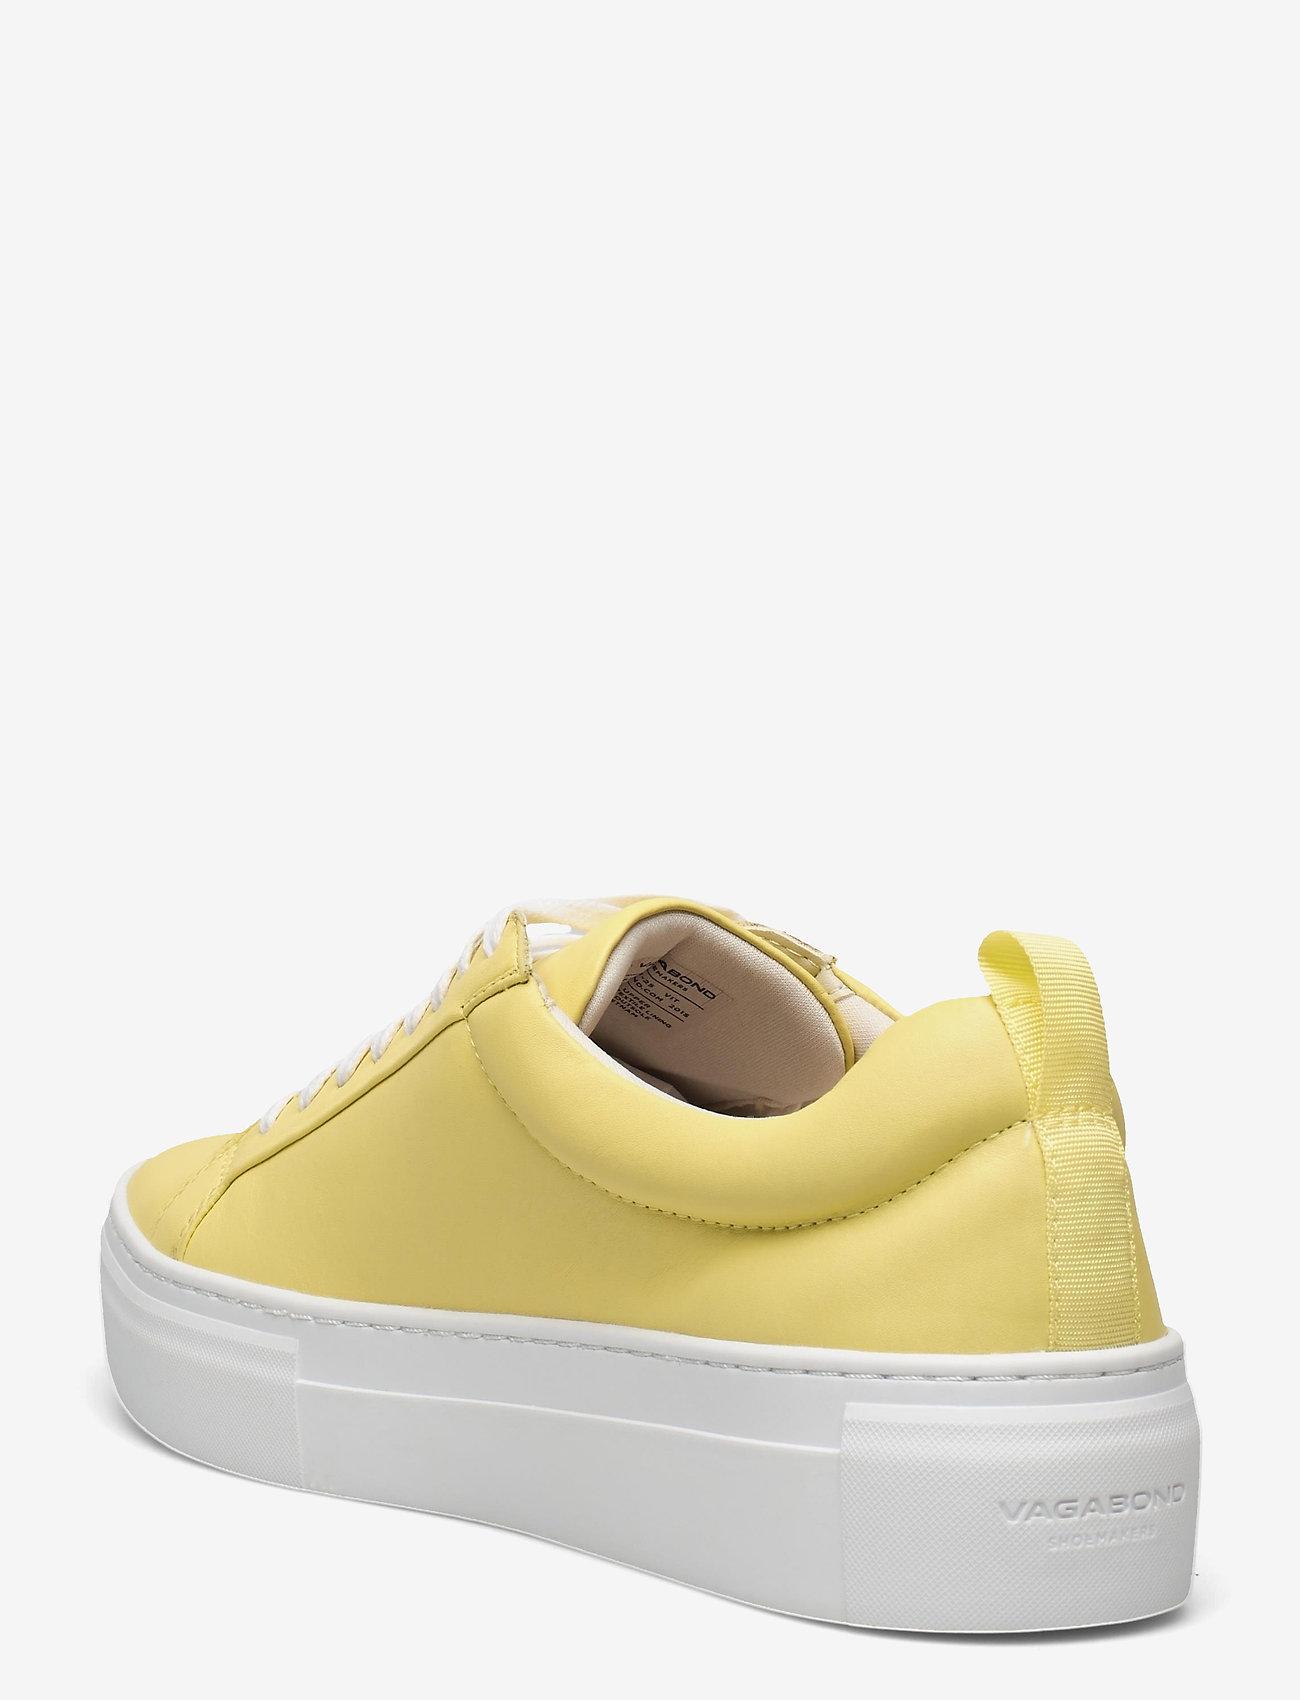 VAGABOND - ZOE PLATFORM - sneakersy niskie - citrus - 2